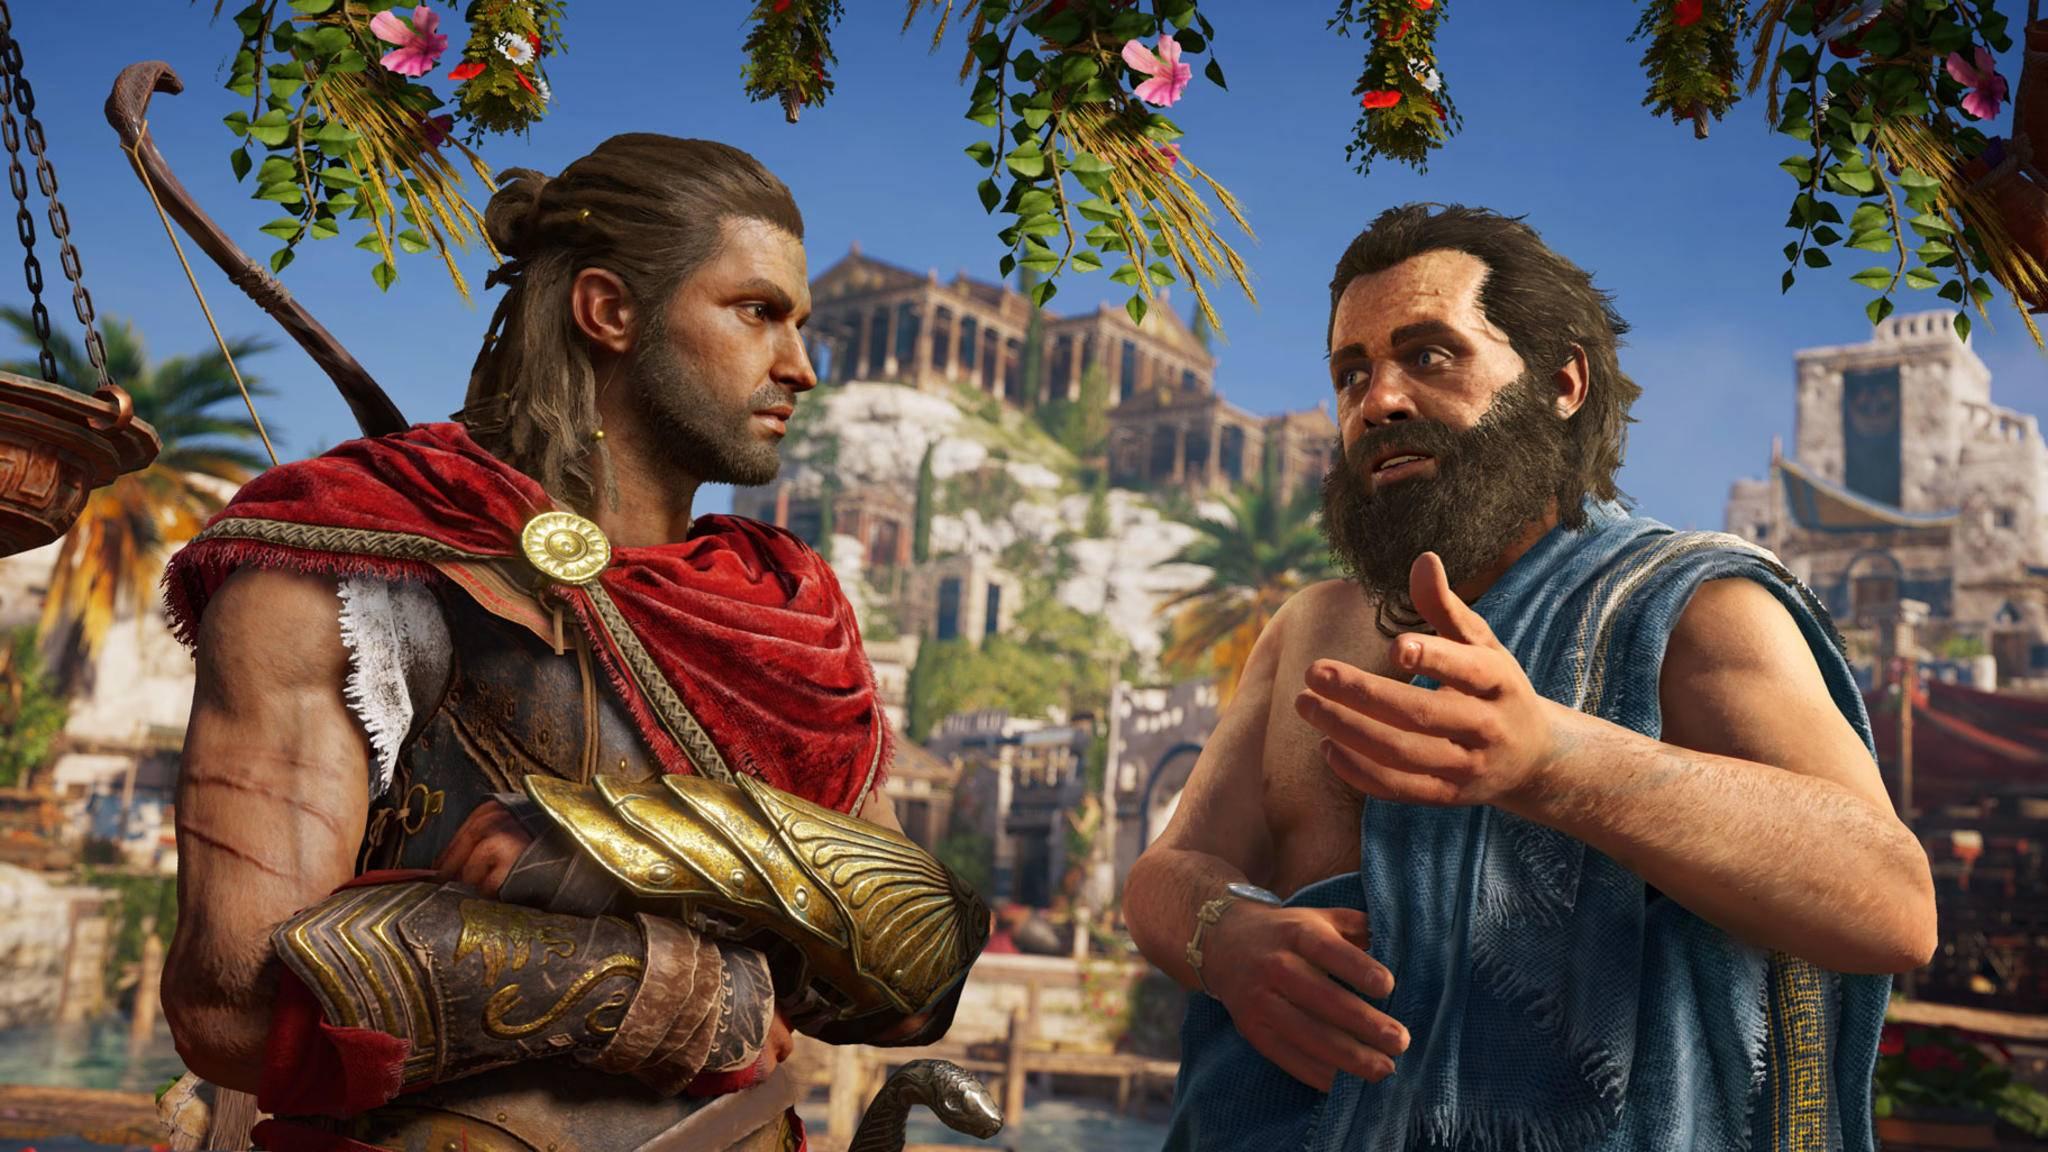 In den Erkundungs-Modi erfährst Du viel über bekannte Persönlichkeiten der Antike wie zum Beispiel Sokrates.